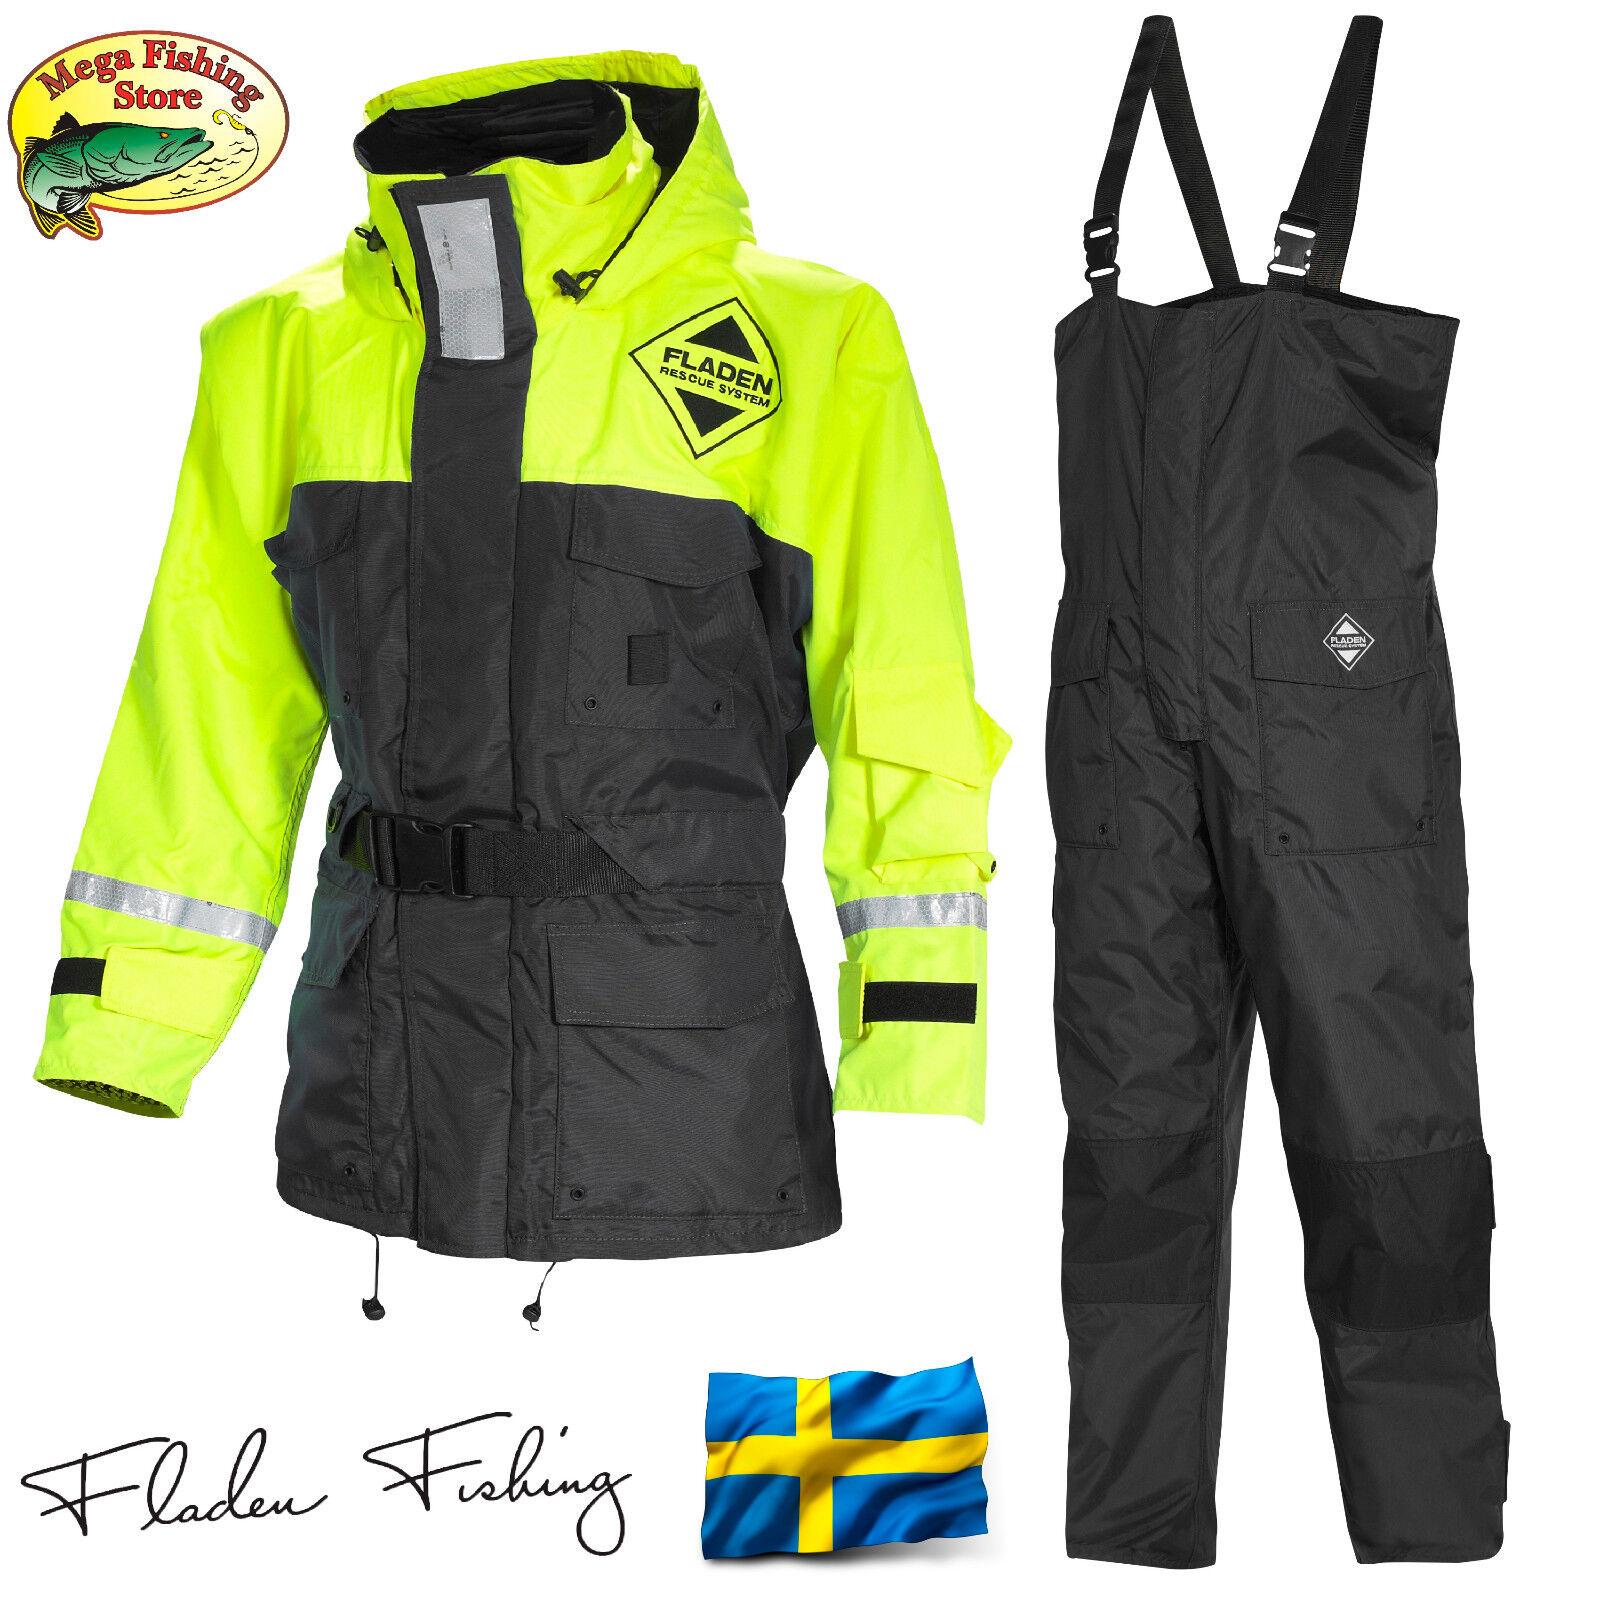 Fladen traje floatinganzug - 846gs  CHAQUETA + 847 pantalones - 2-divisores Noruega  el mejor servicio post-venta